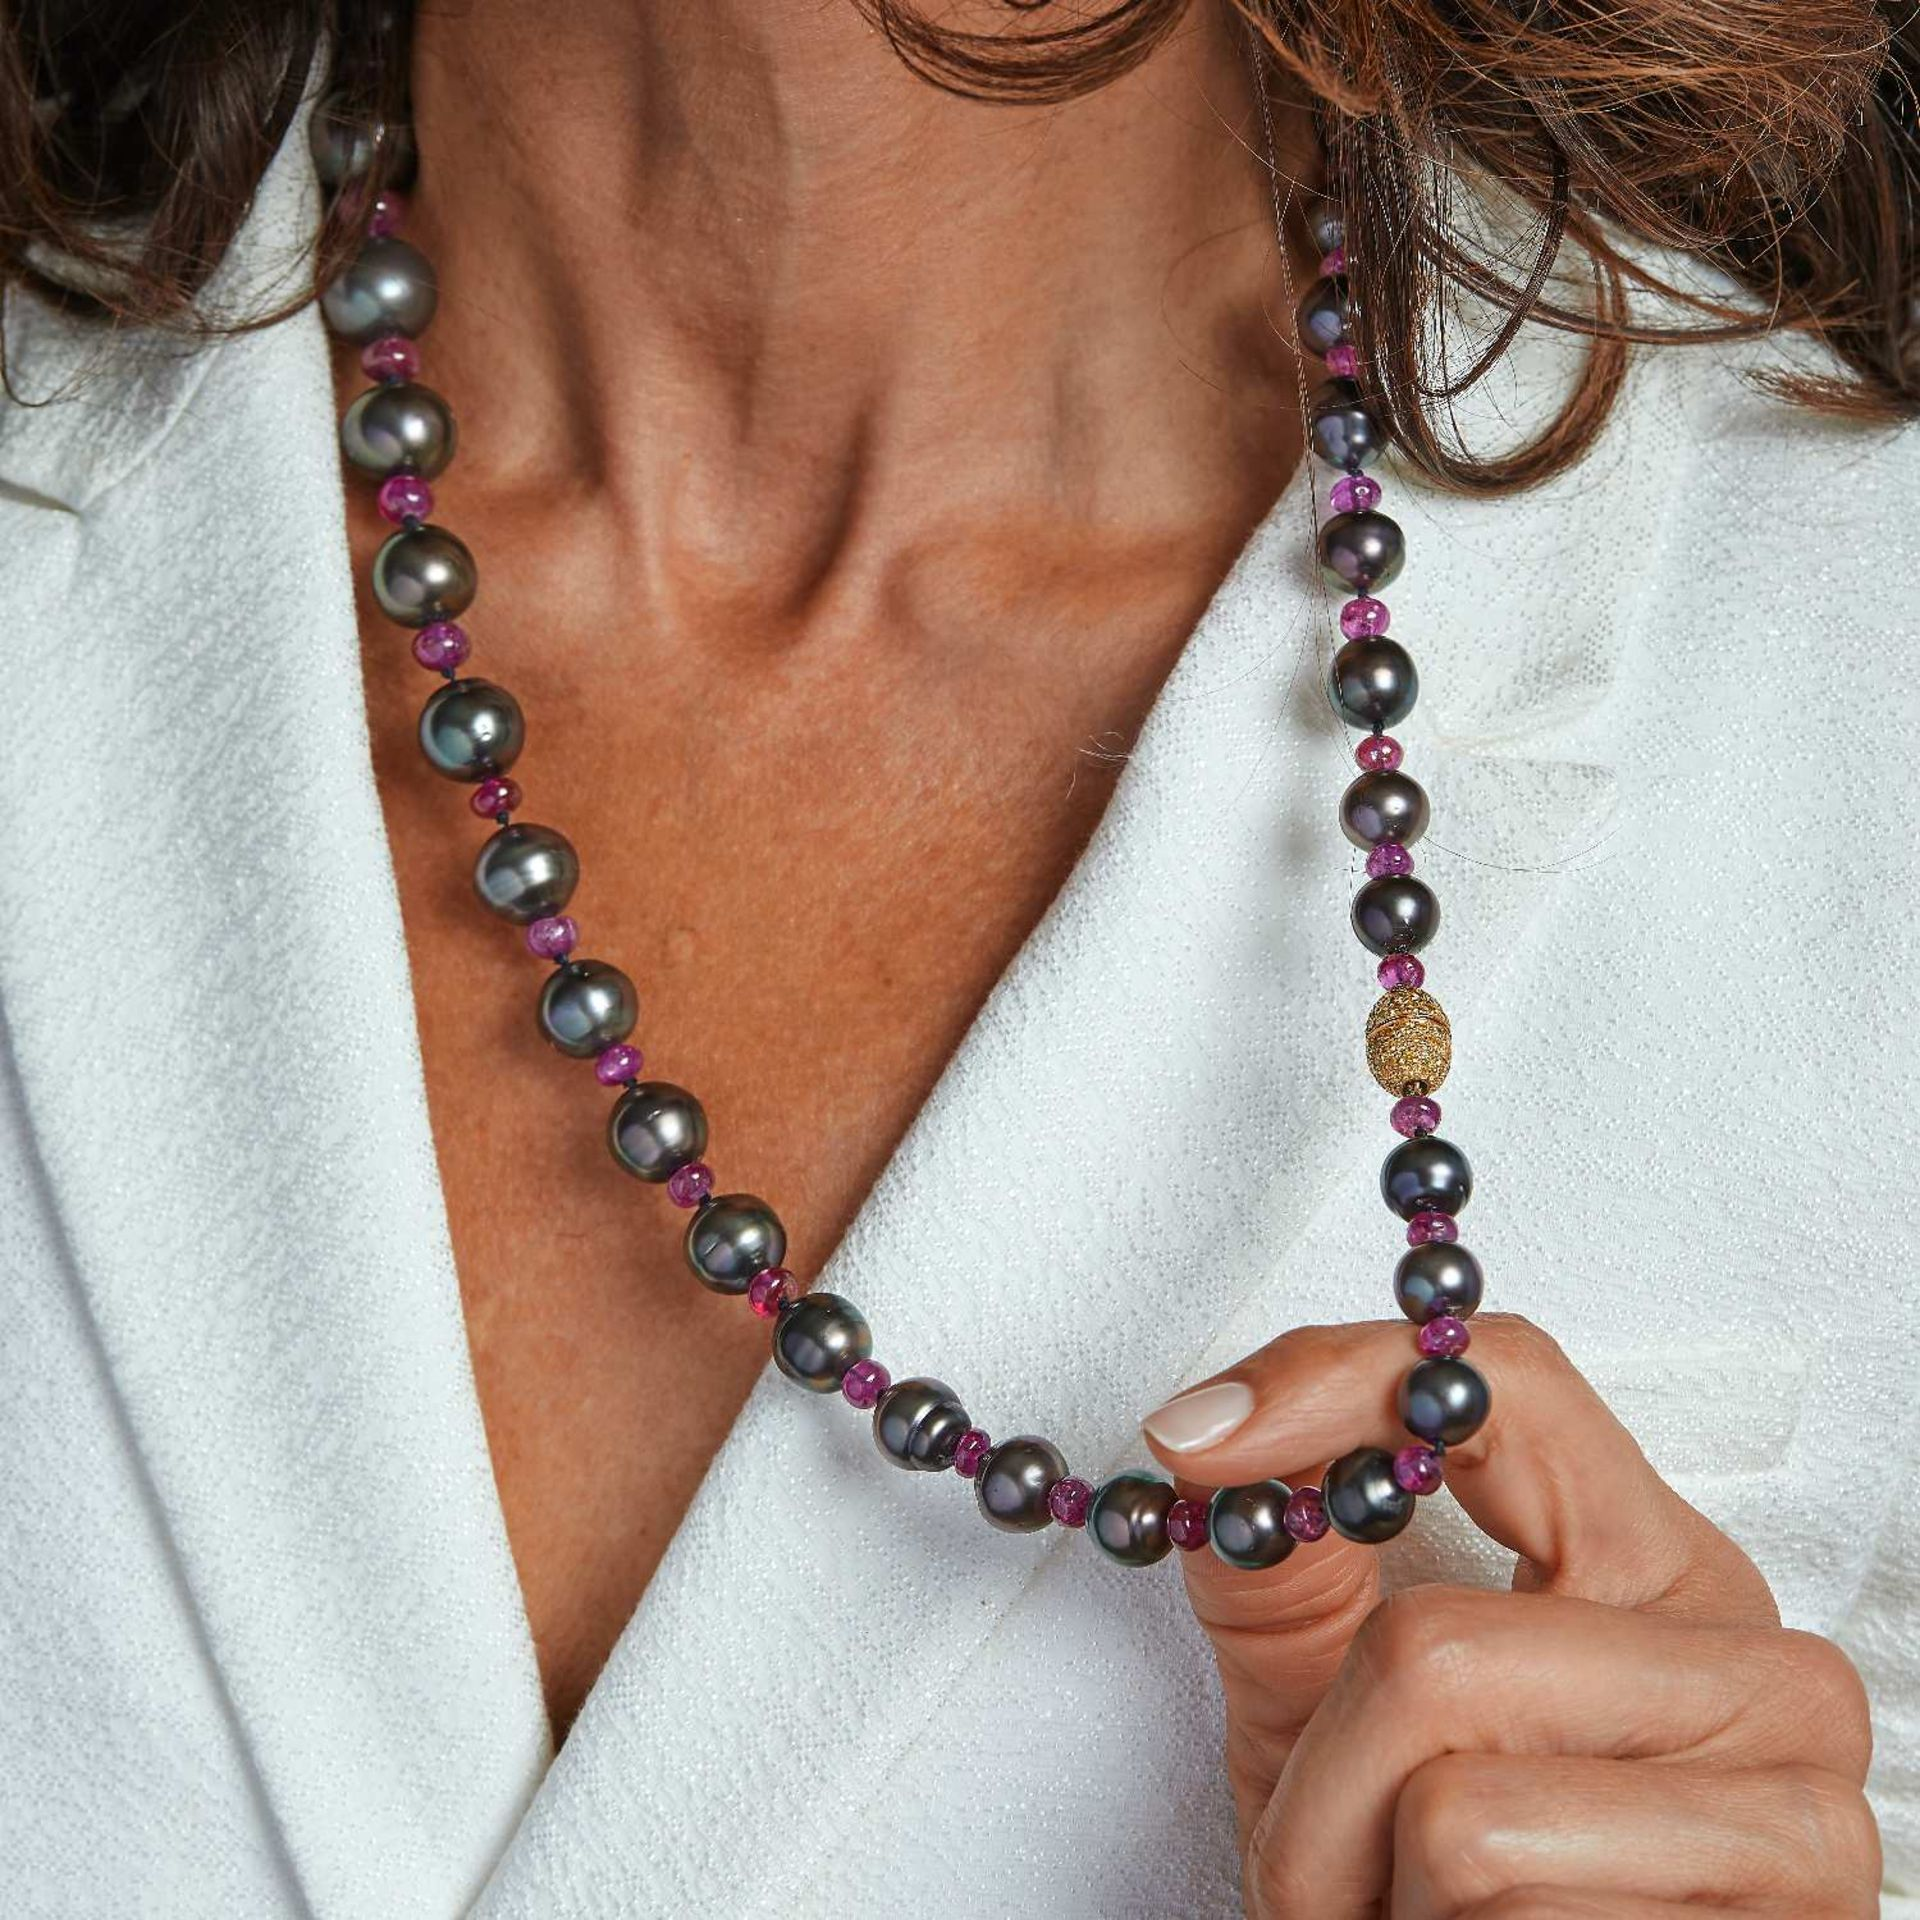 COLLIER PERLES DE CULTURE GRISES FERMOIR FANCY COLOR Il est composé de 35 perles de culture grises